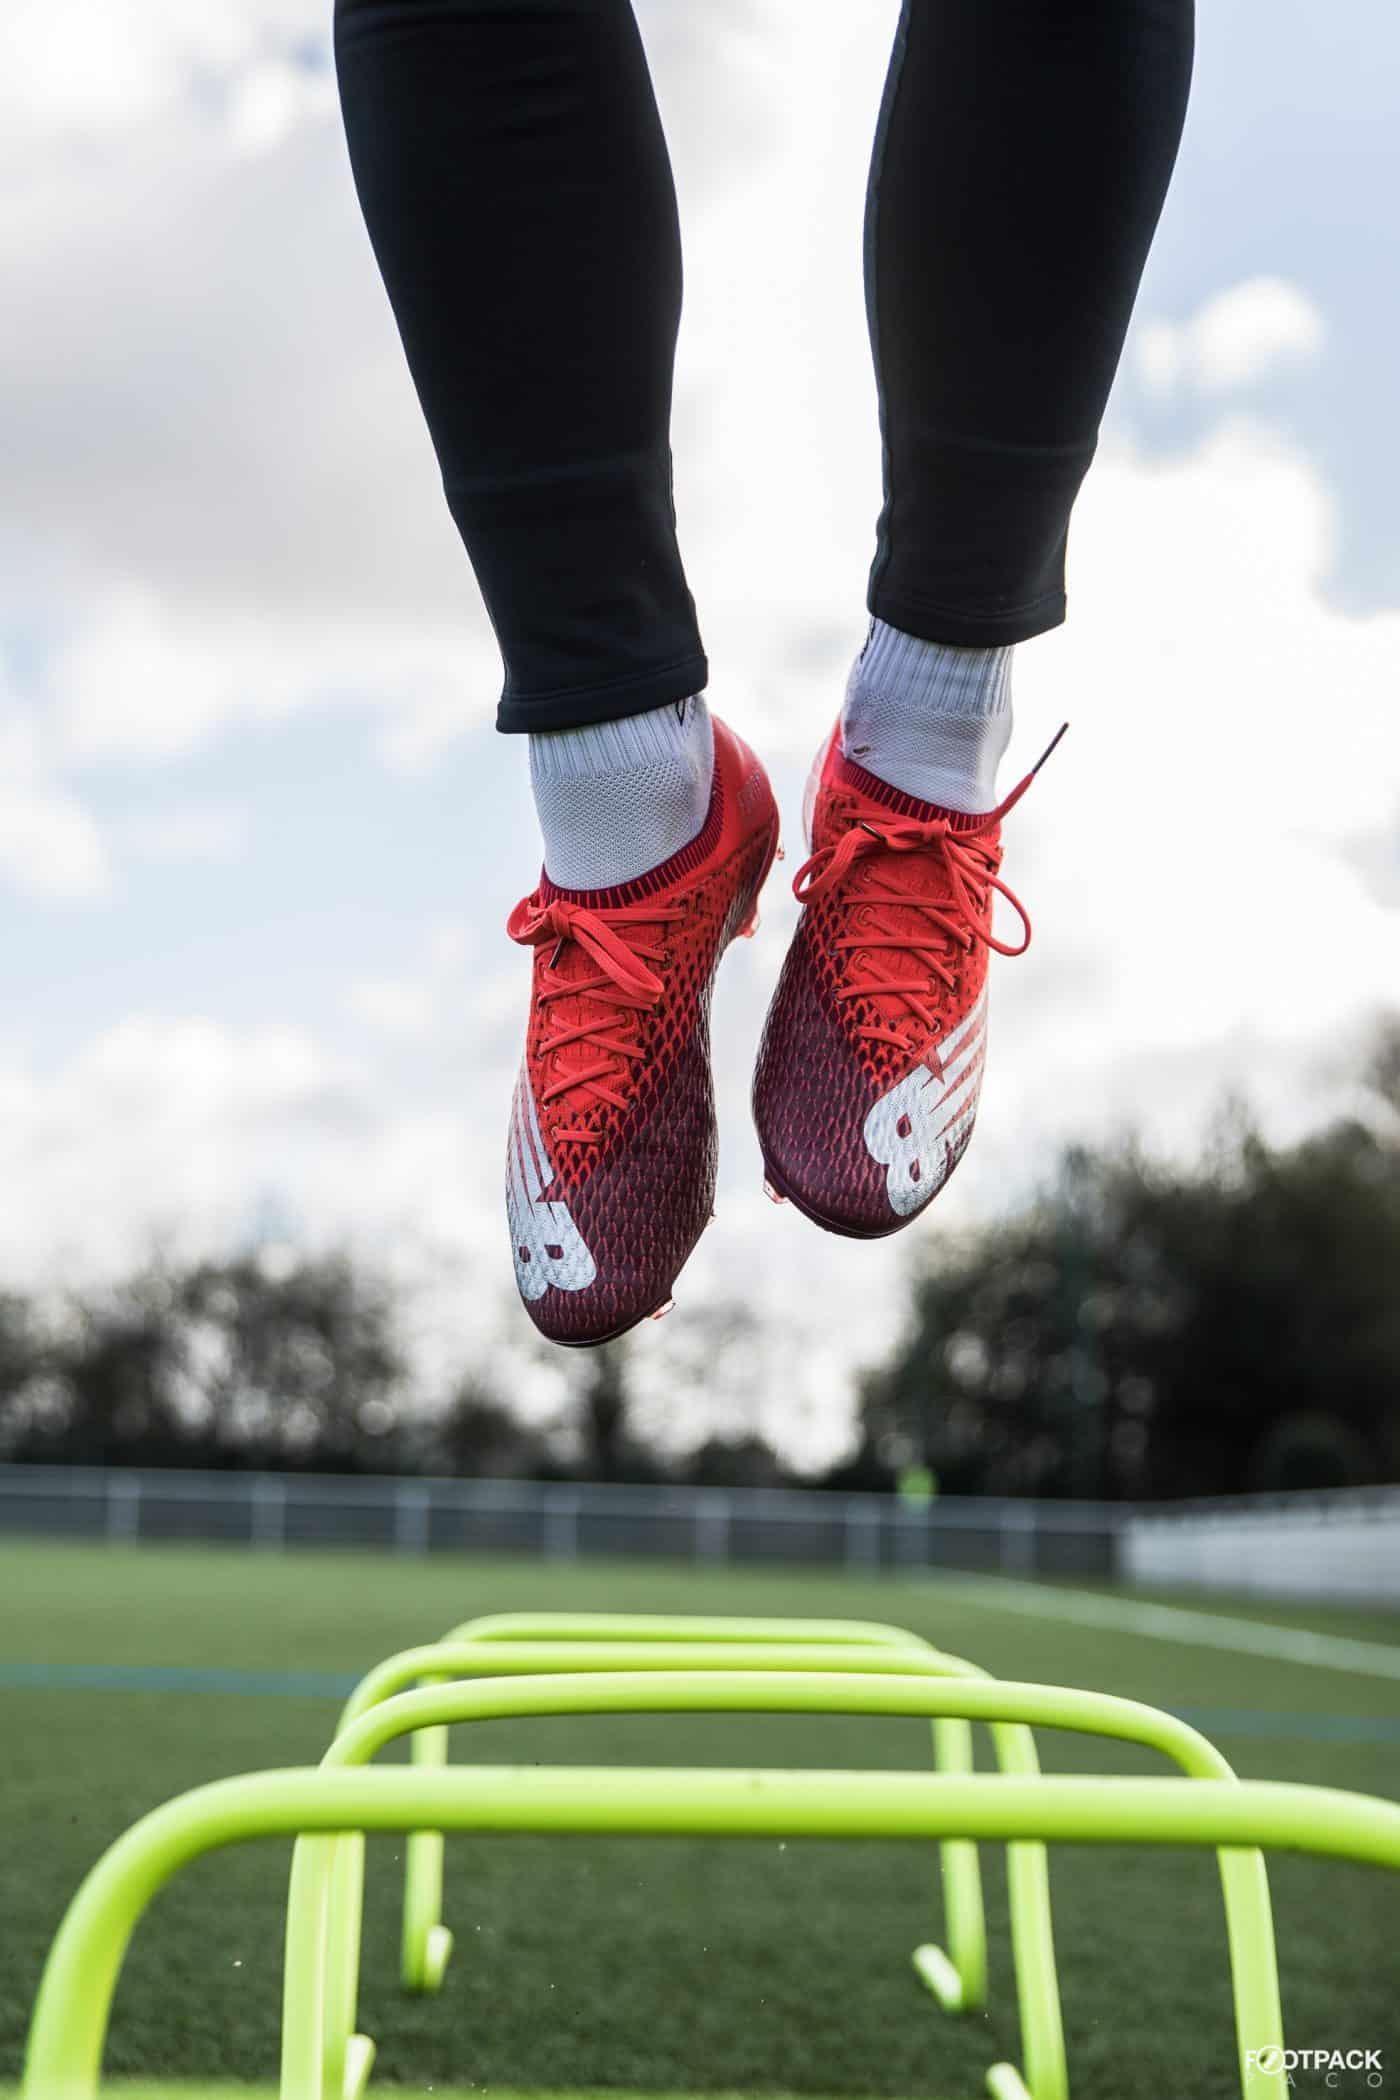 les-plus-belles-photos-de-crampons-2020-footpack-42